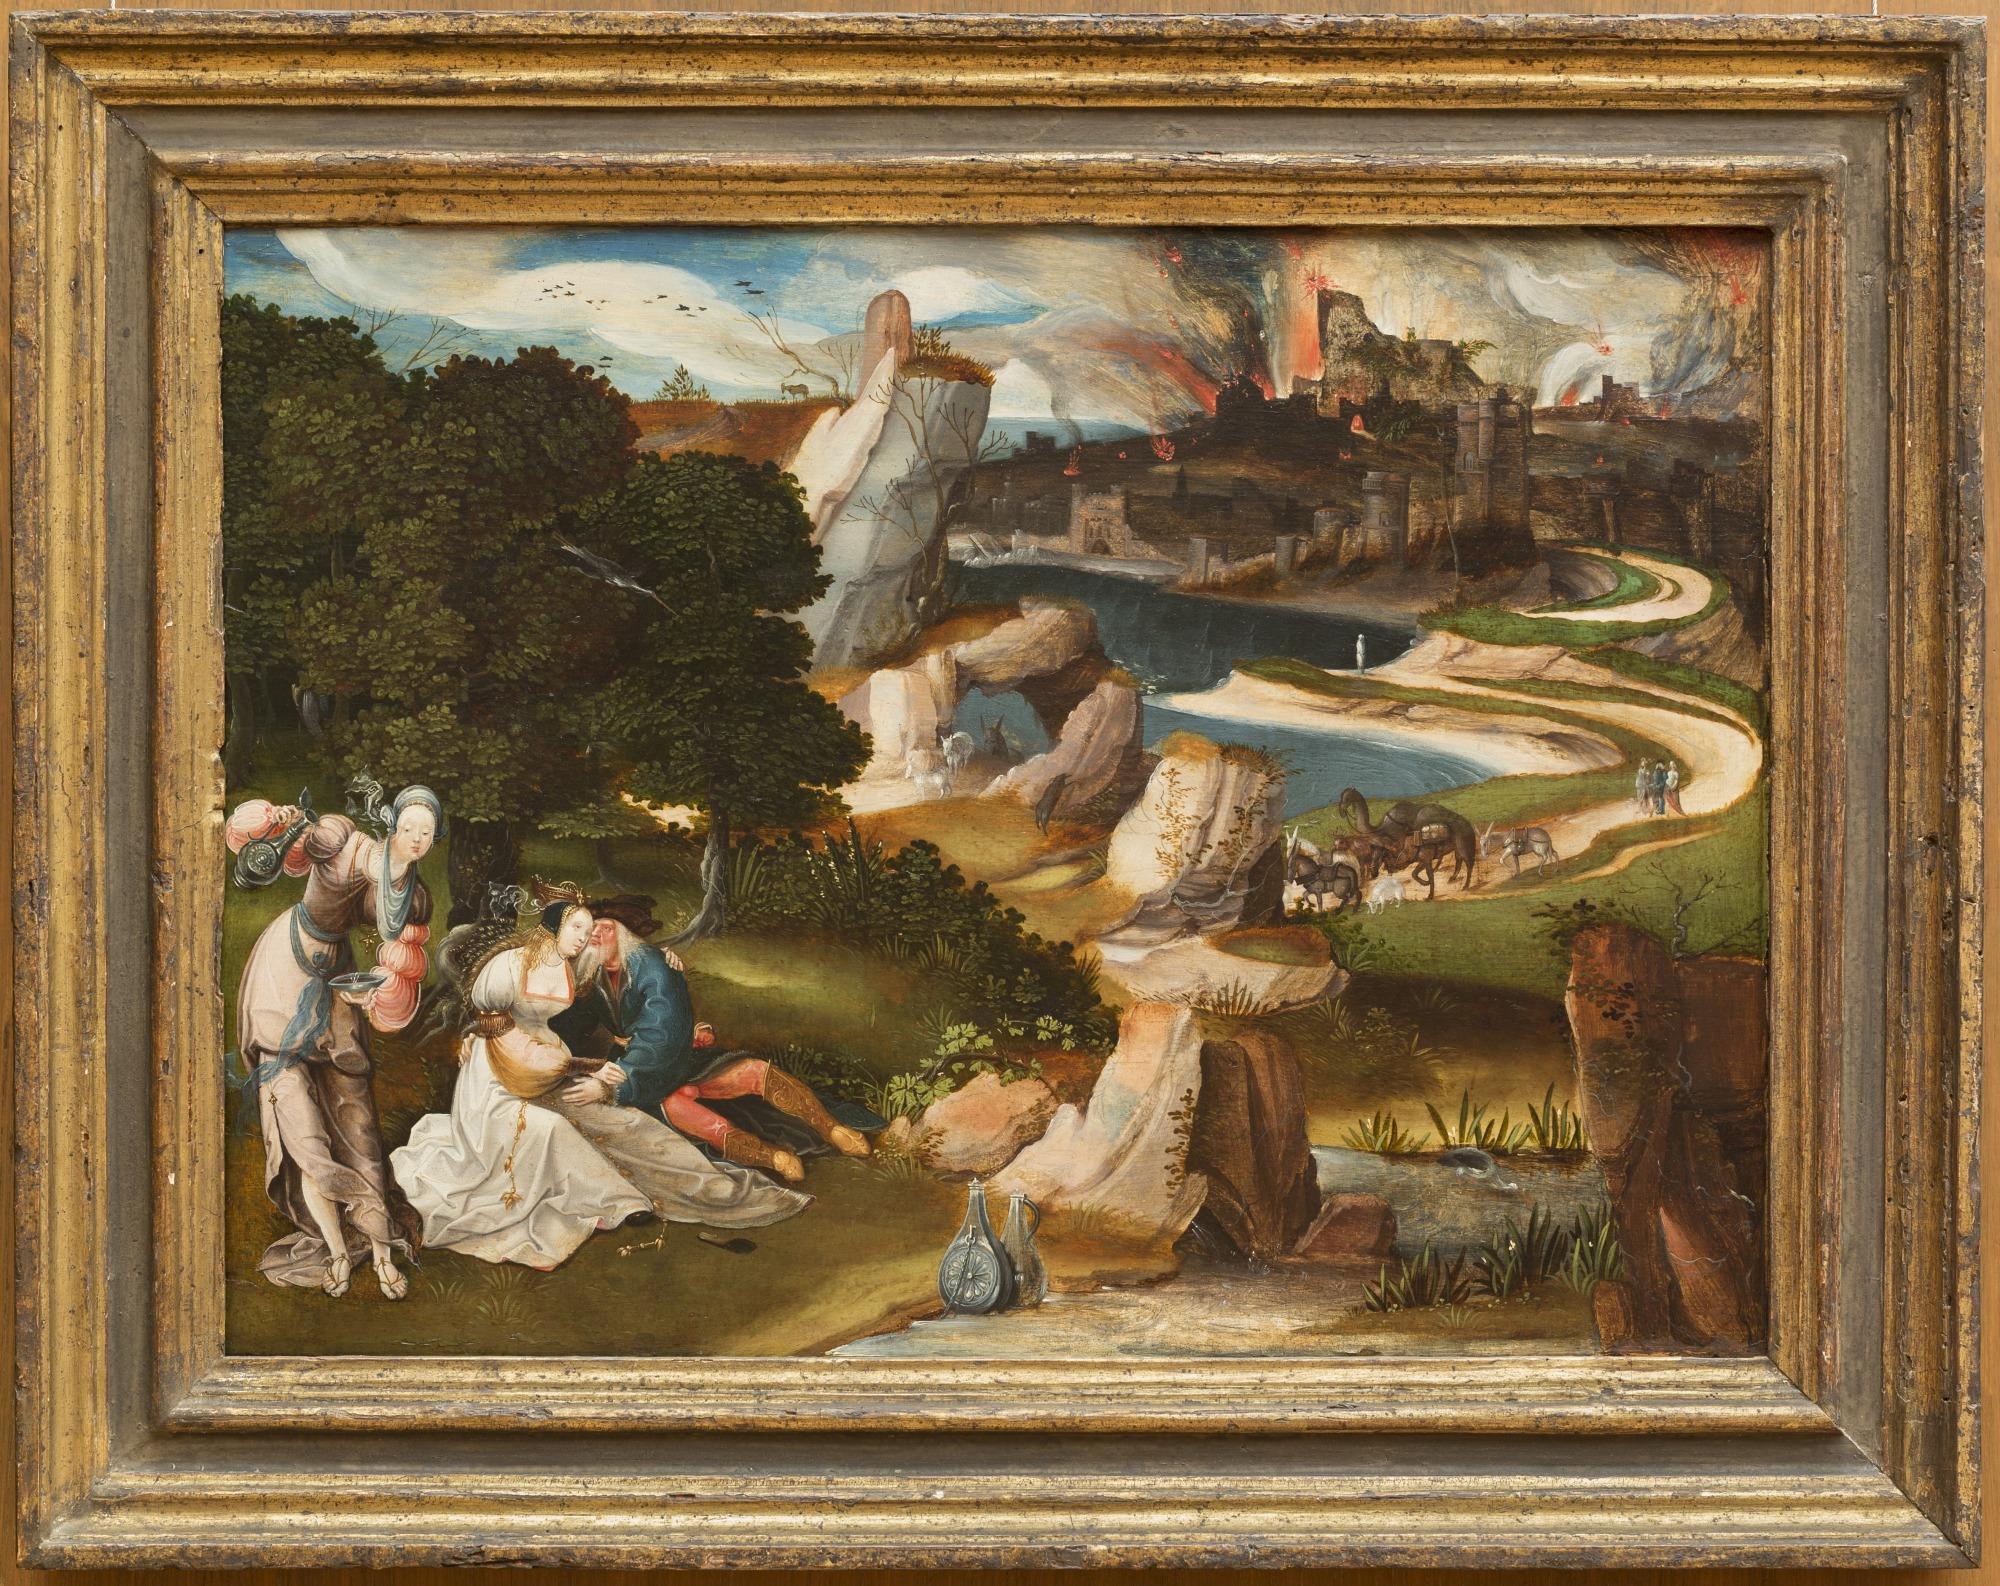 Jan_Wellens_de_Cock_-_Lot_and_his_daughters_(1523) detroit institute of arts